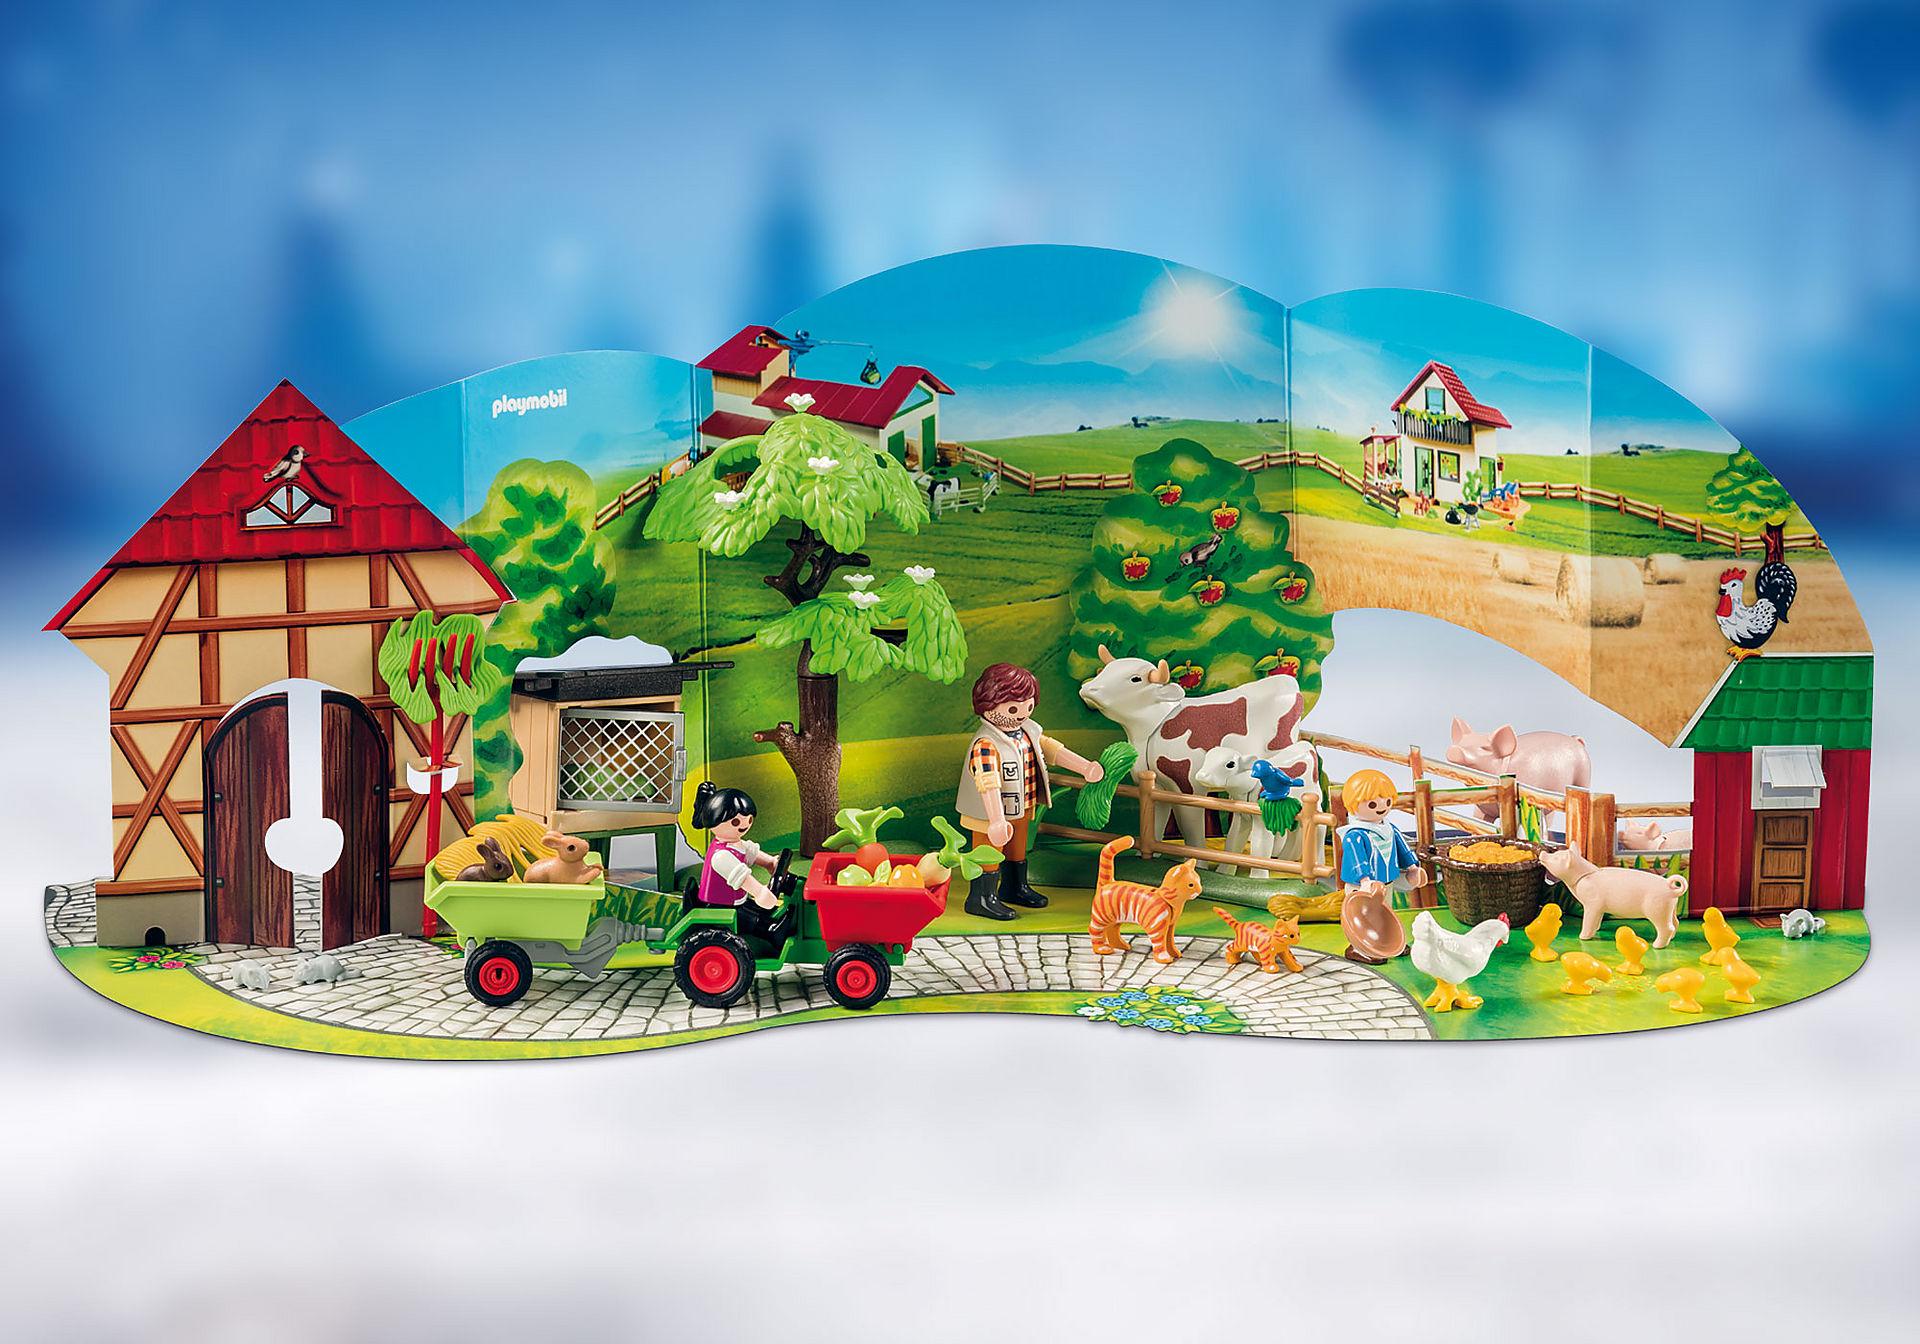 http://media.playmobil.com/i/playmobil/70189_product_extra2/Advent Calendar - Farm